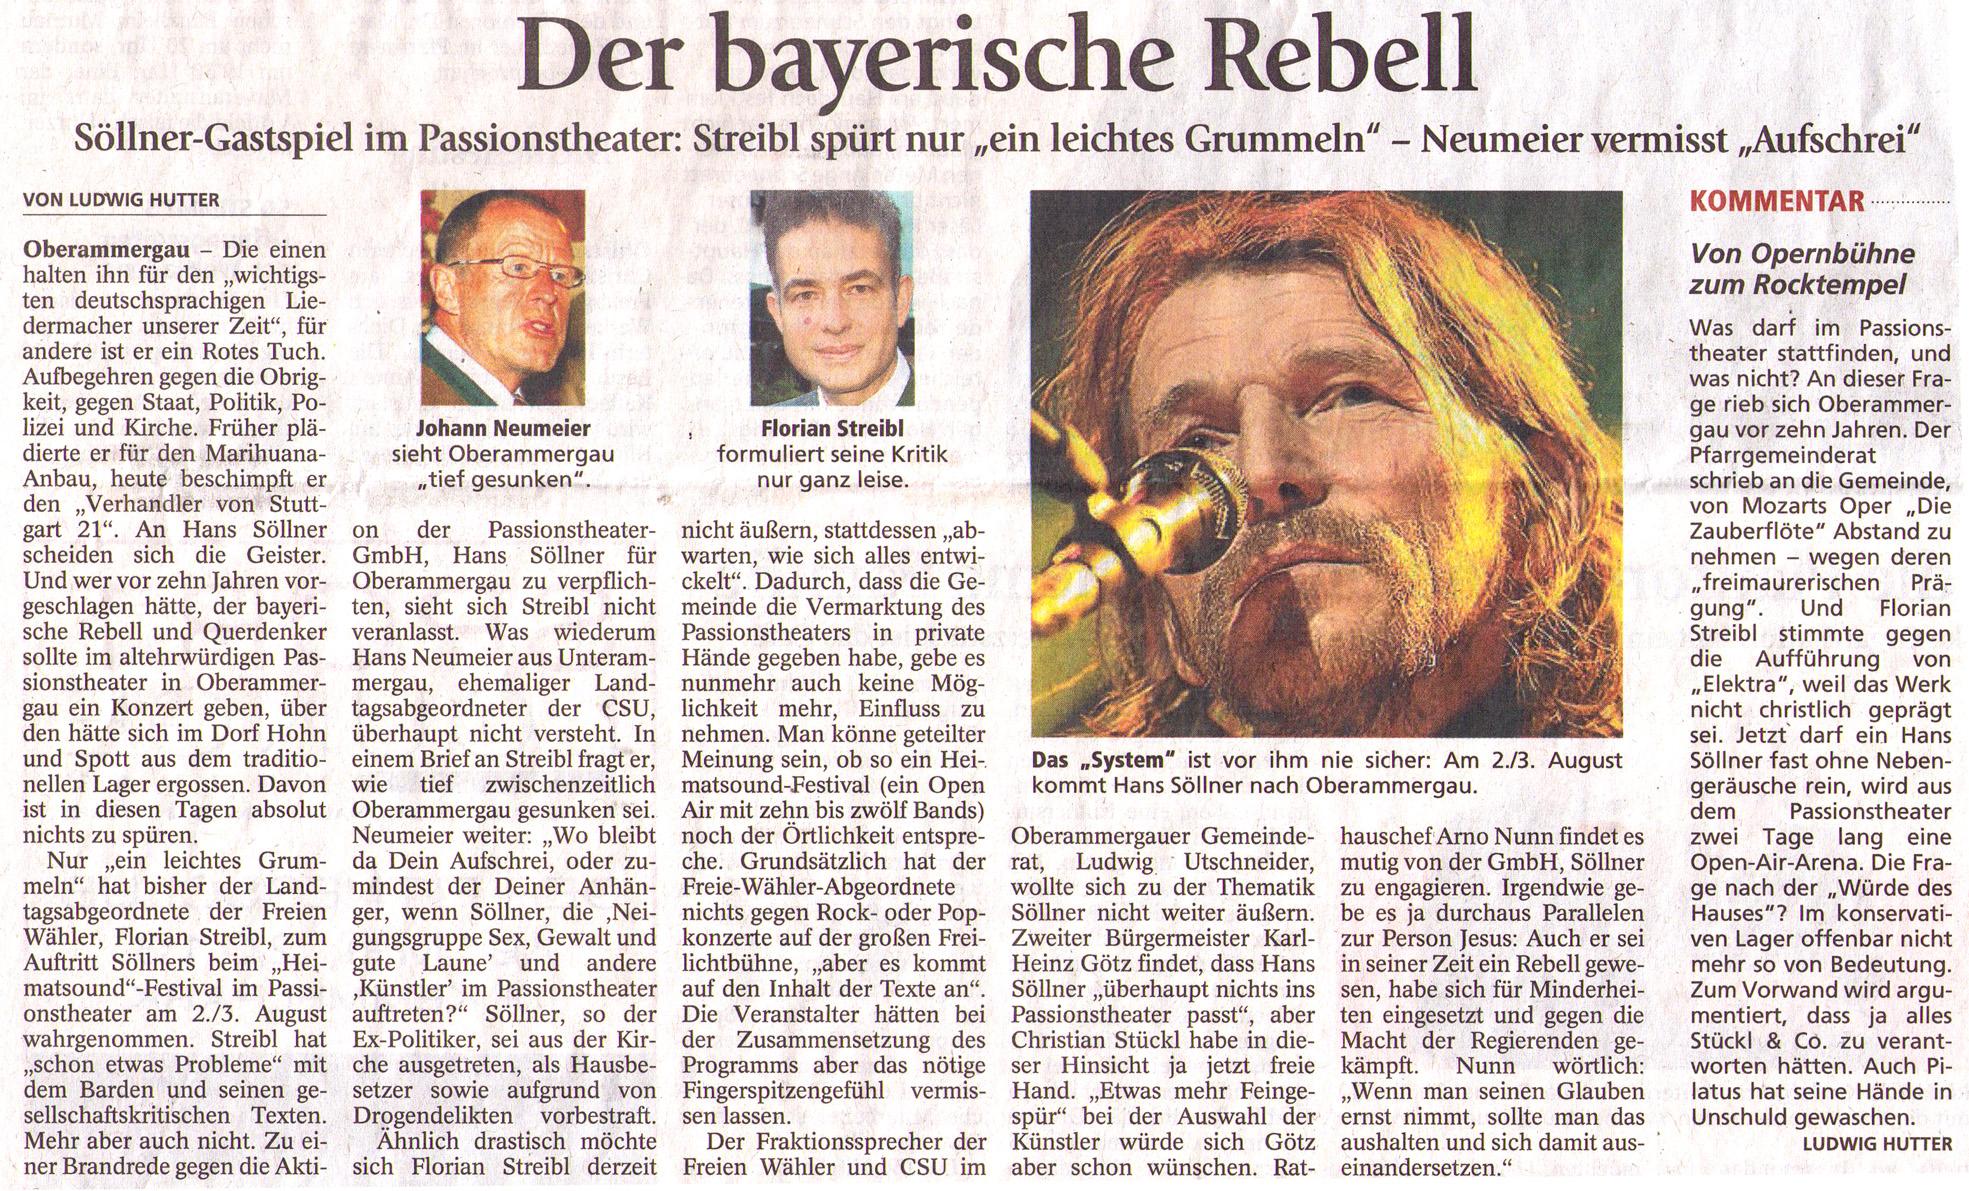 Heimatsound-GAP-Tagblatt